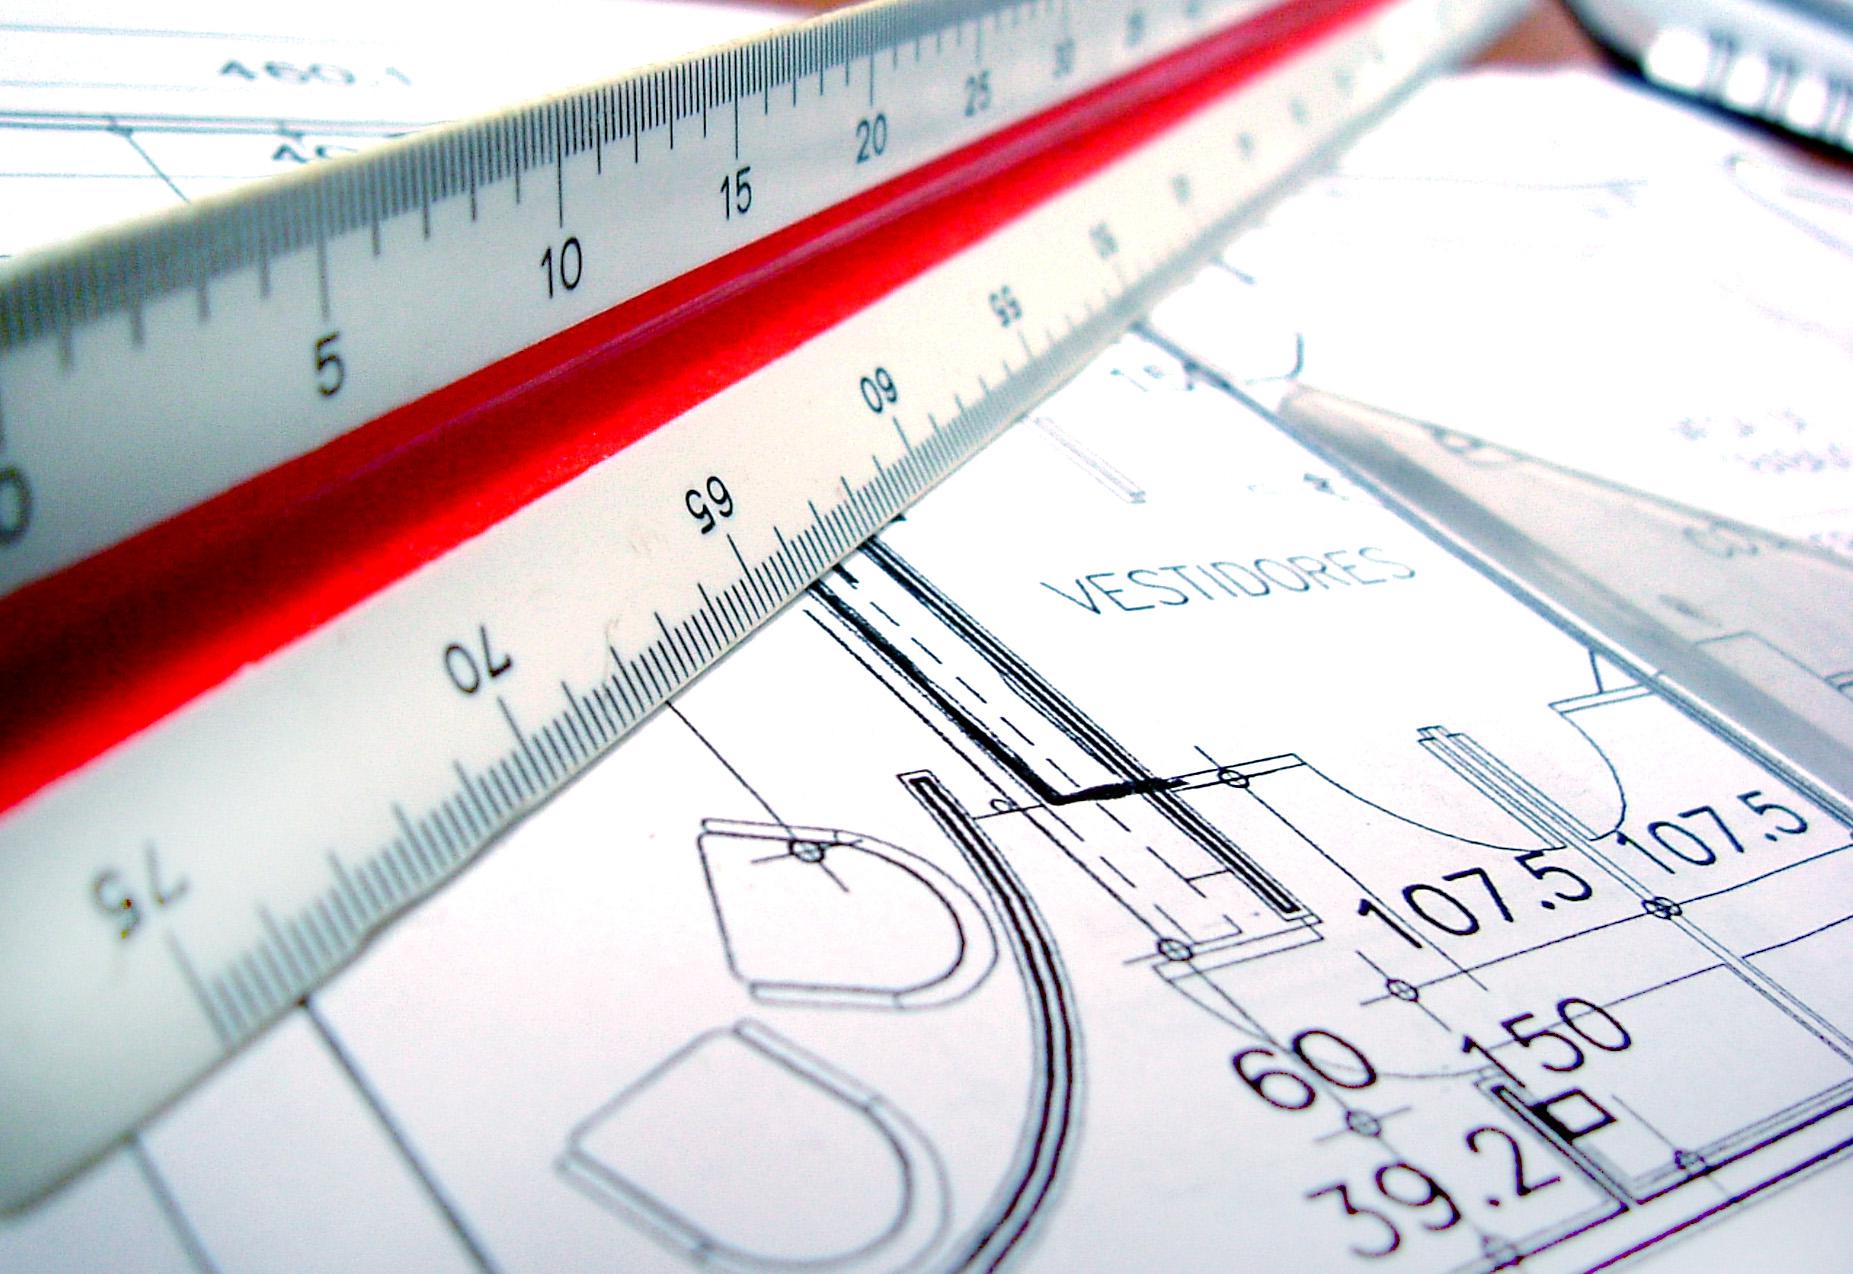 Plano de negocios arquitetura e construcao